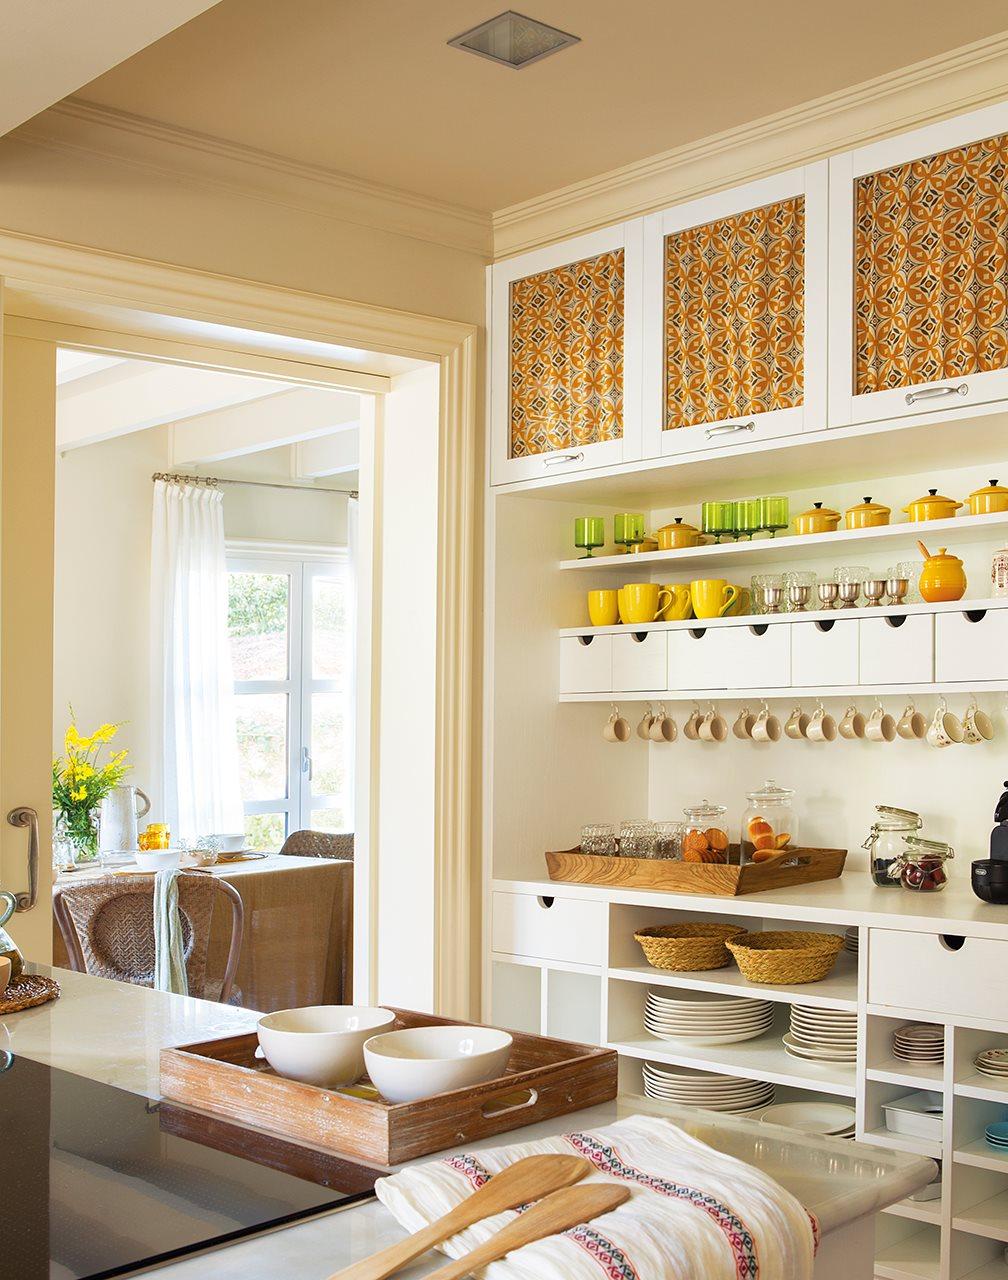 Cocinas con cortinas arquitecturas hogare as - Cortinas en cocinas ...